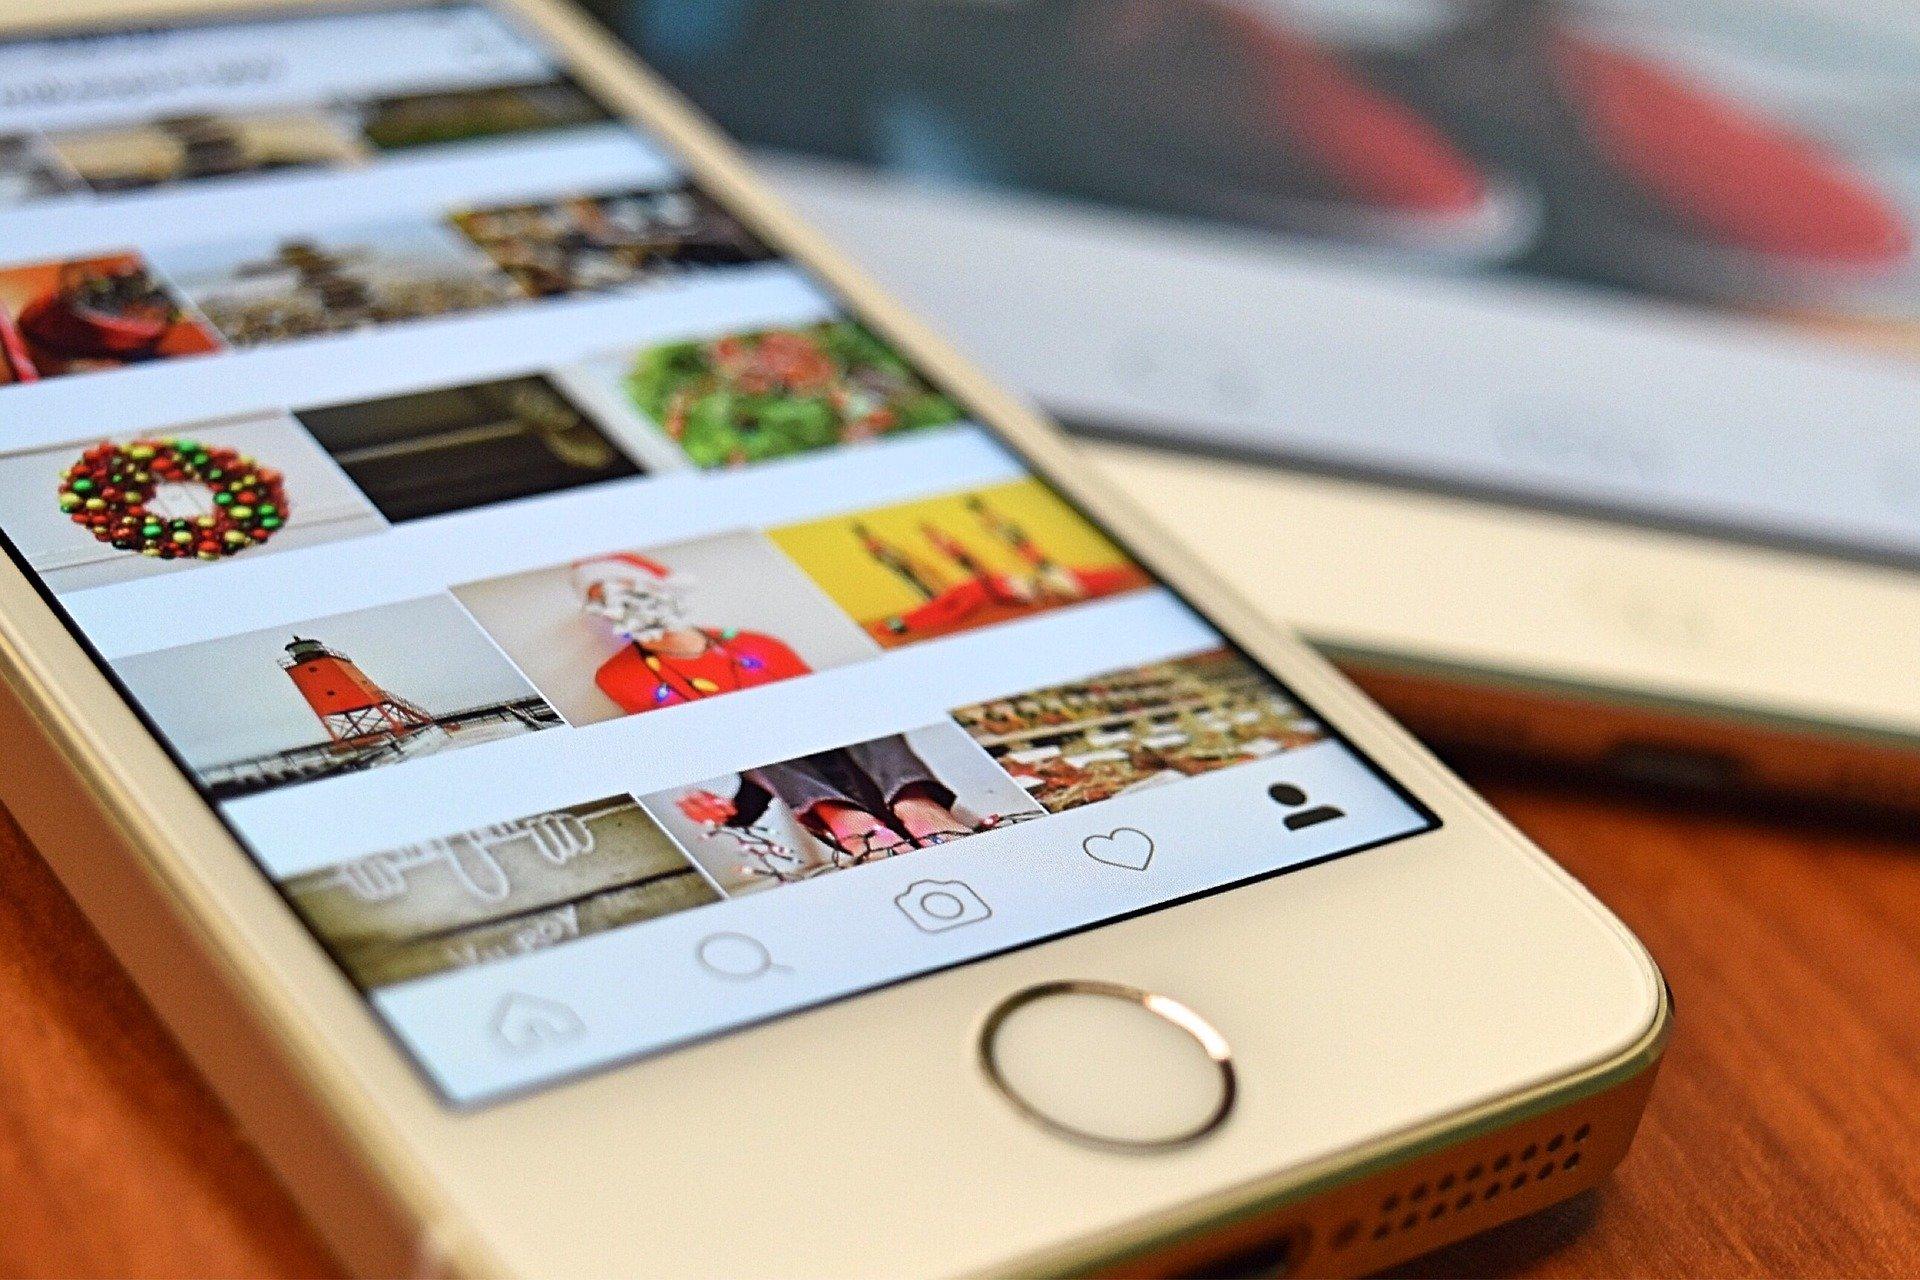 """Los """"destacados"""" de Instagram, un gran baúl en el que almacenar tu contenido más relevante"""